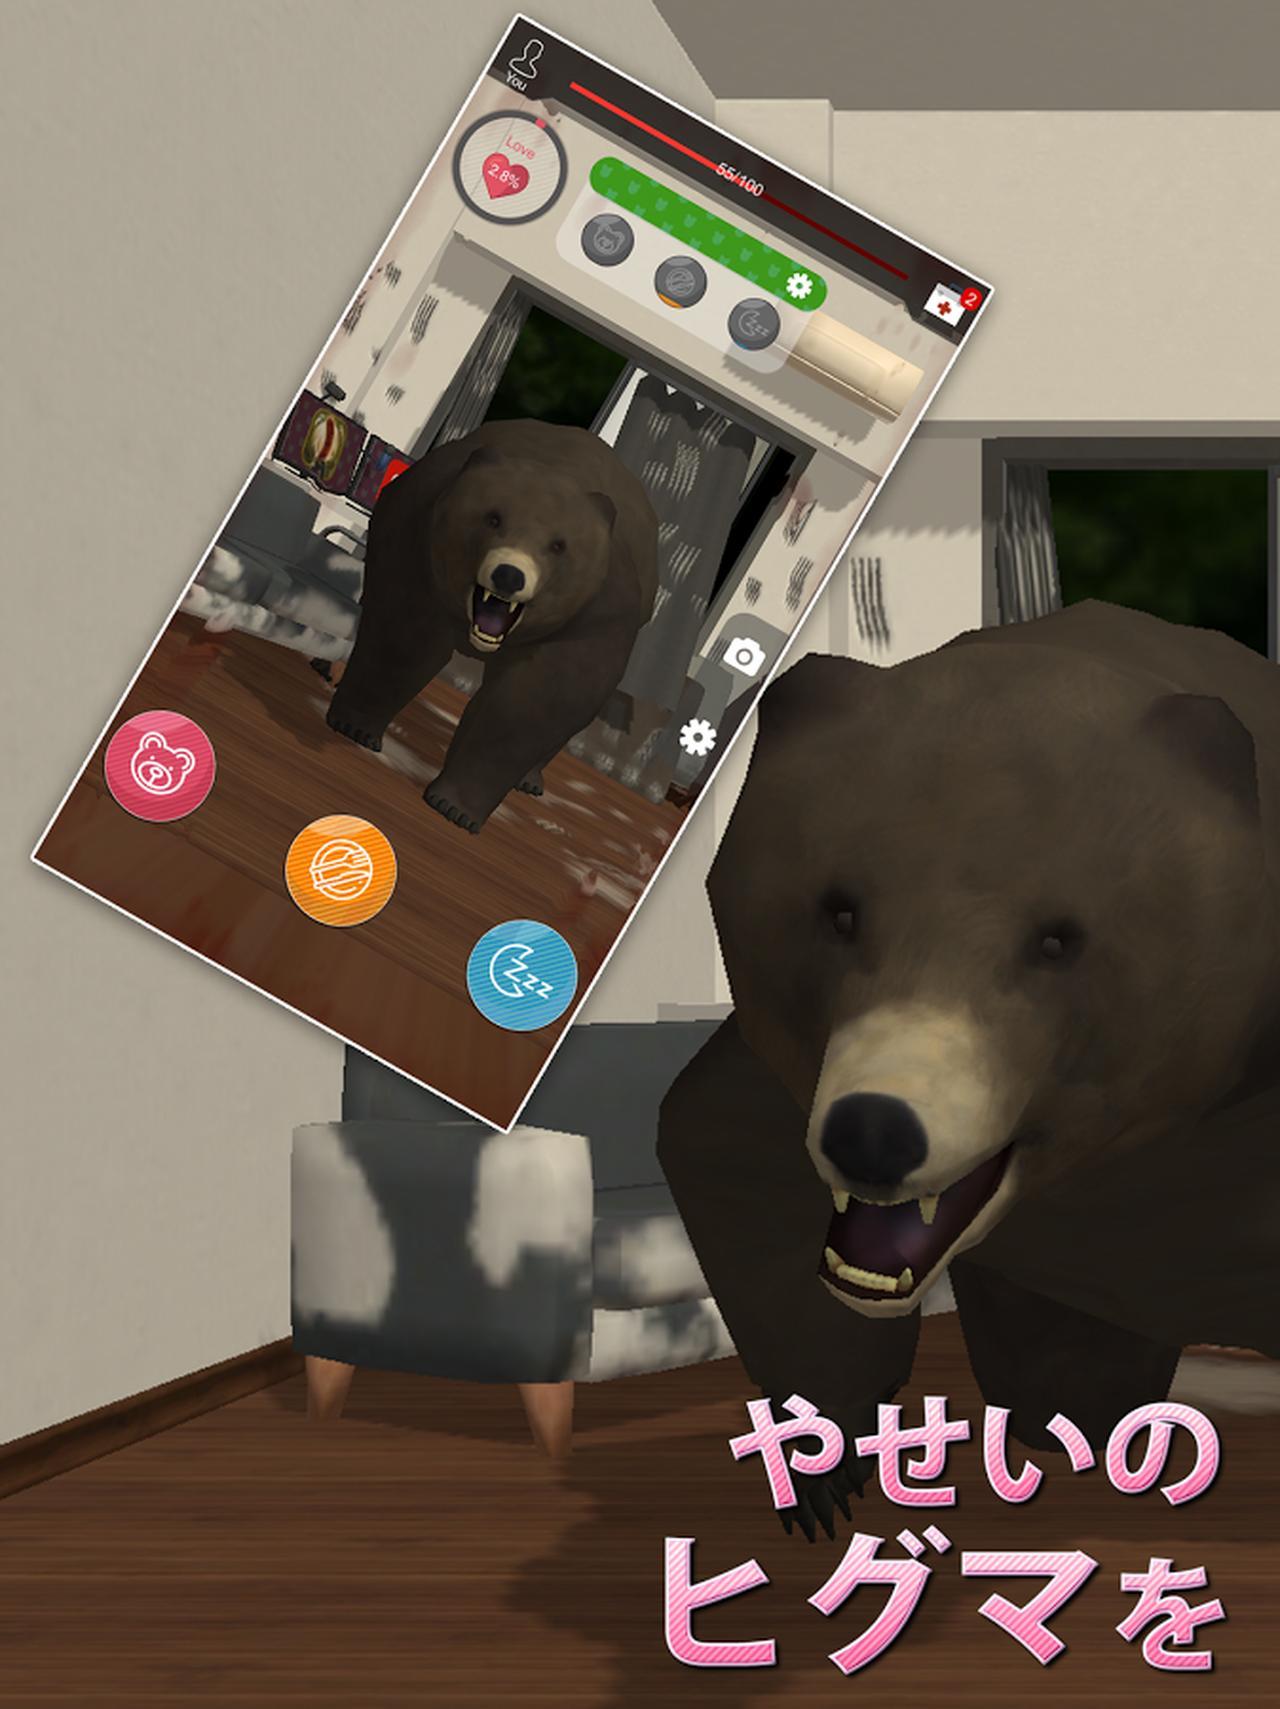 画像: くまといっしょ - 恐怖のクマ育成ゲーム - Google Play の Android アプリ